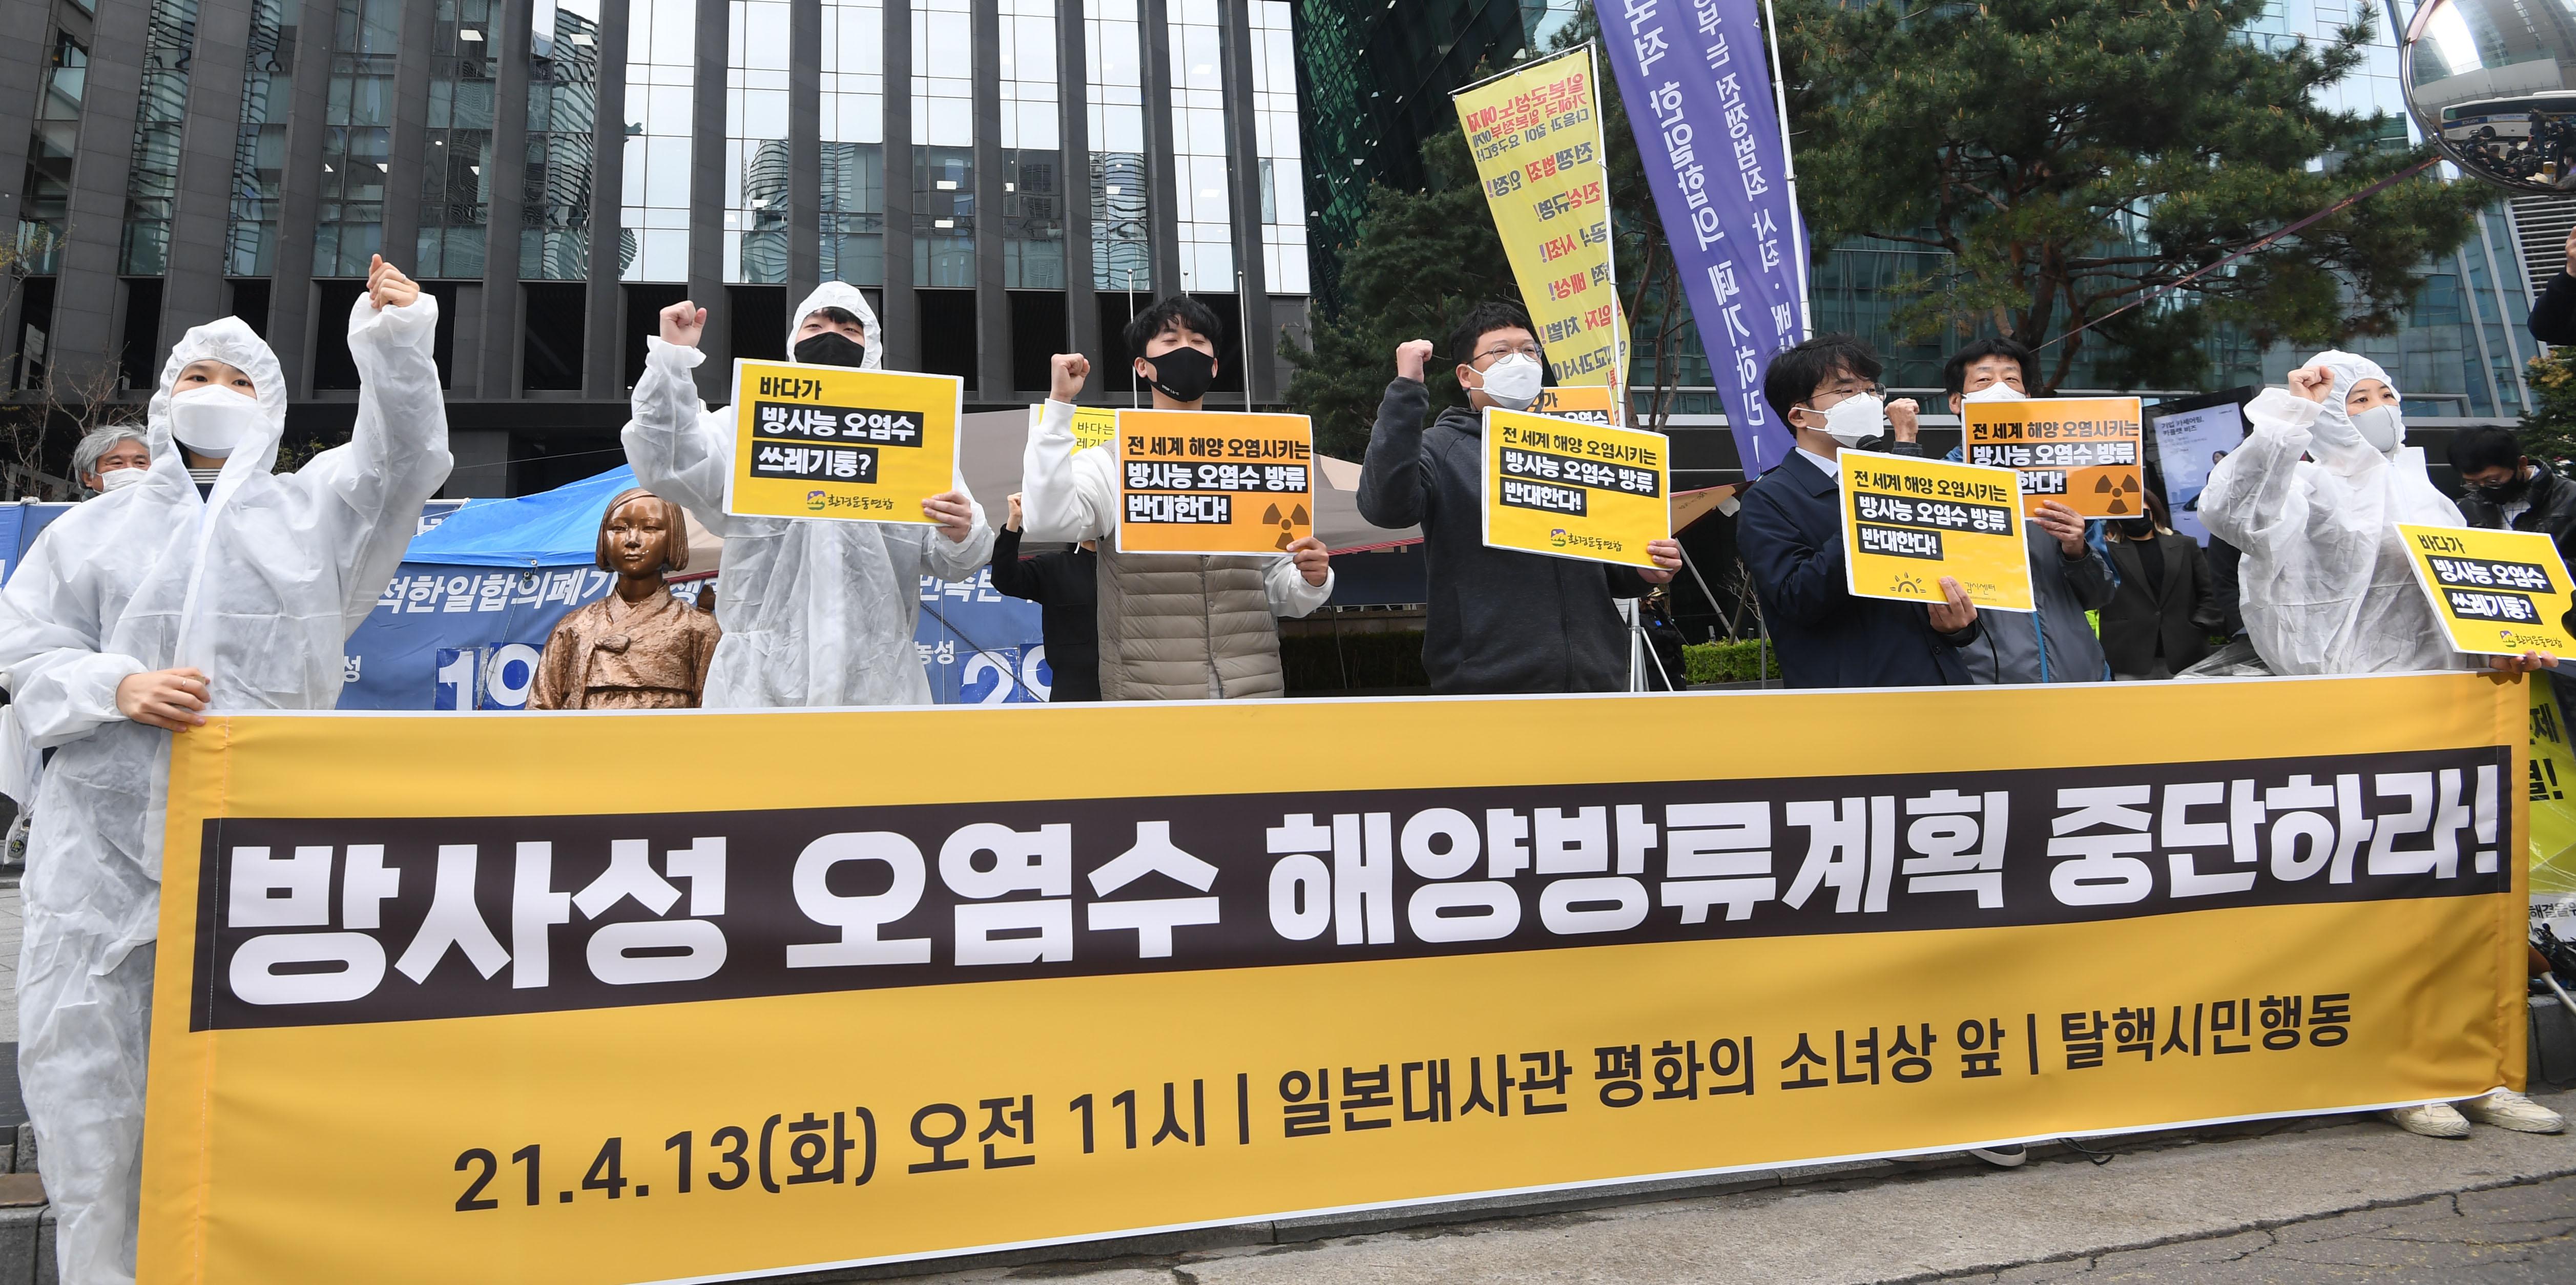 '일본 오염수 방류 계획 중단하라!'